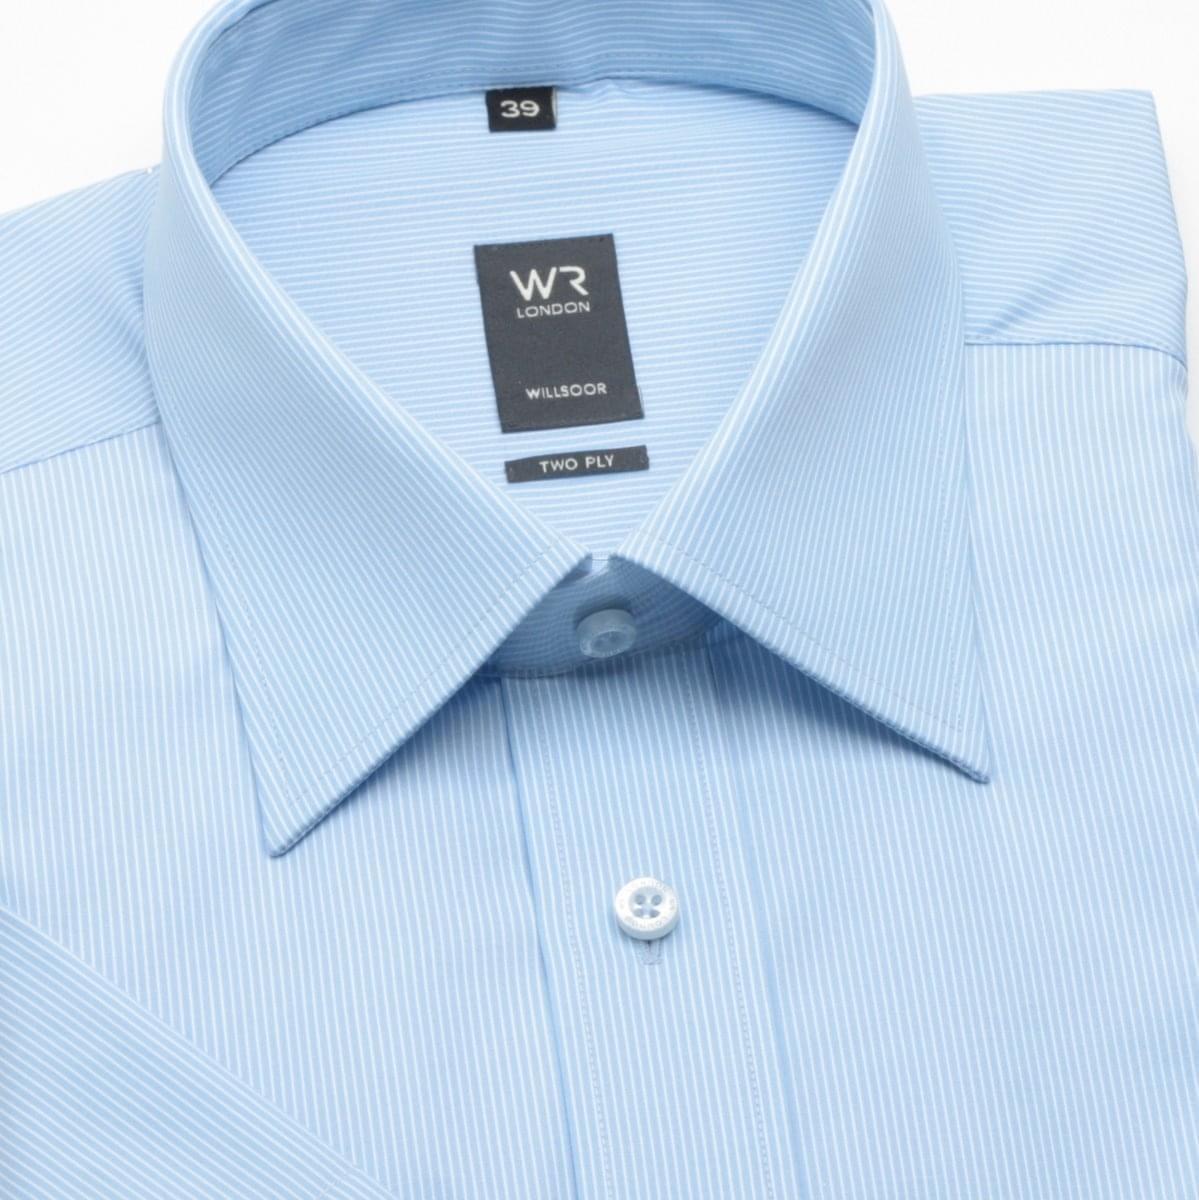 Pánska klasická košeľa s krátkym rukávom (výška 176-182) 308 v modré farbe 176-182 / 39